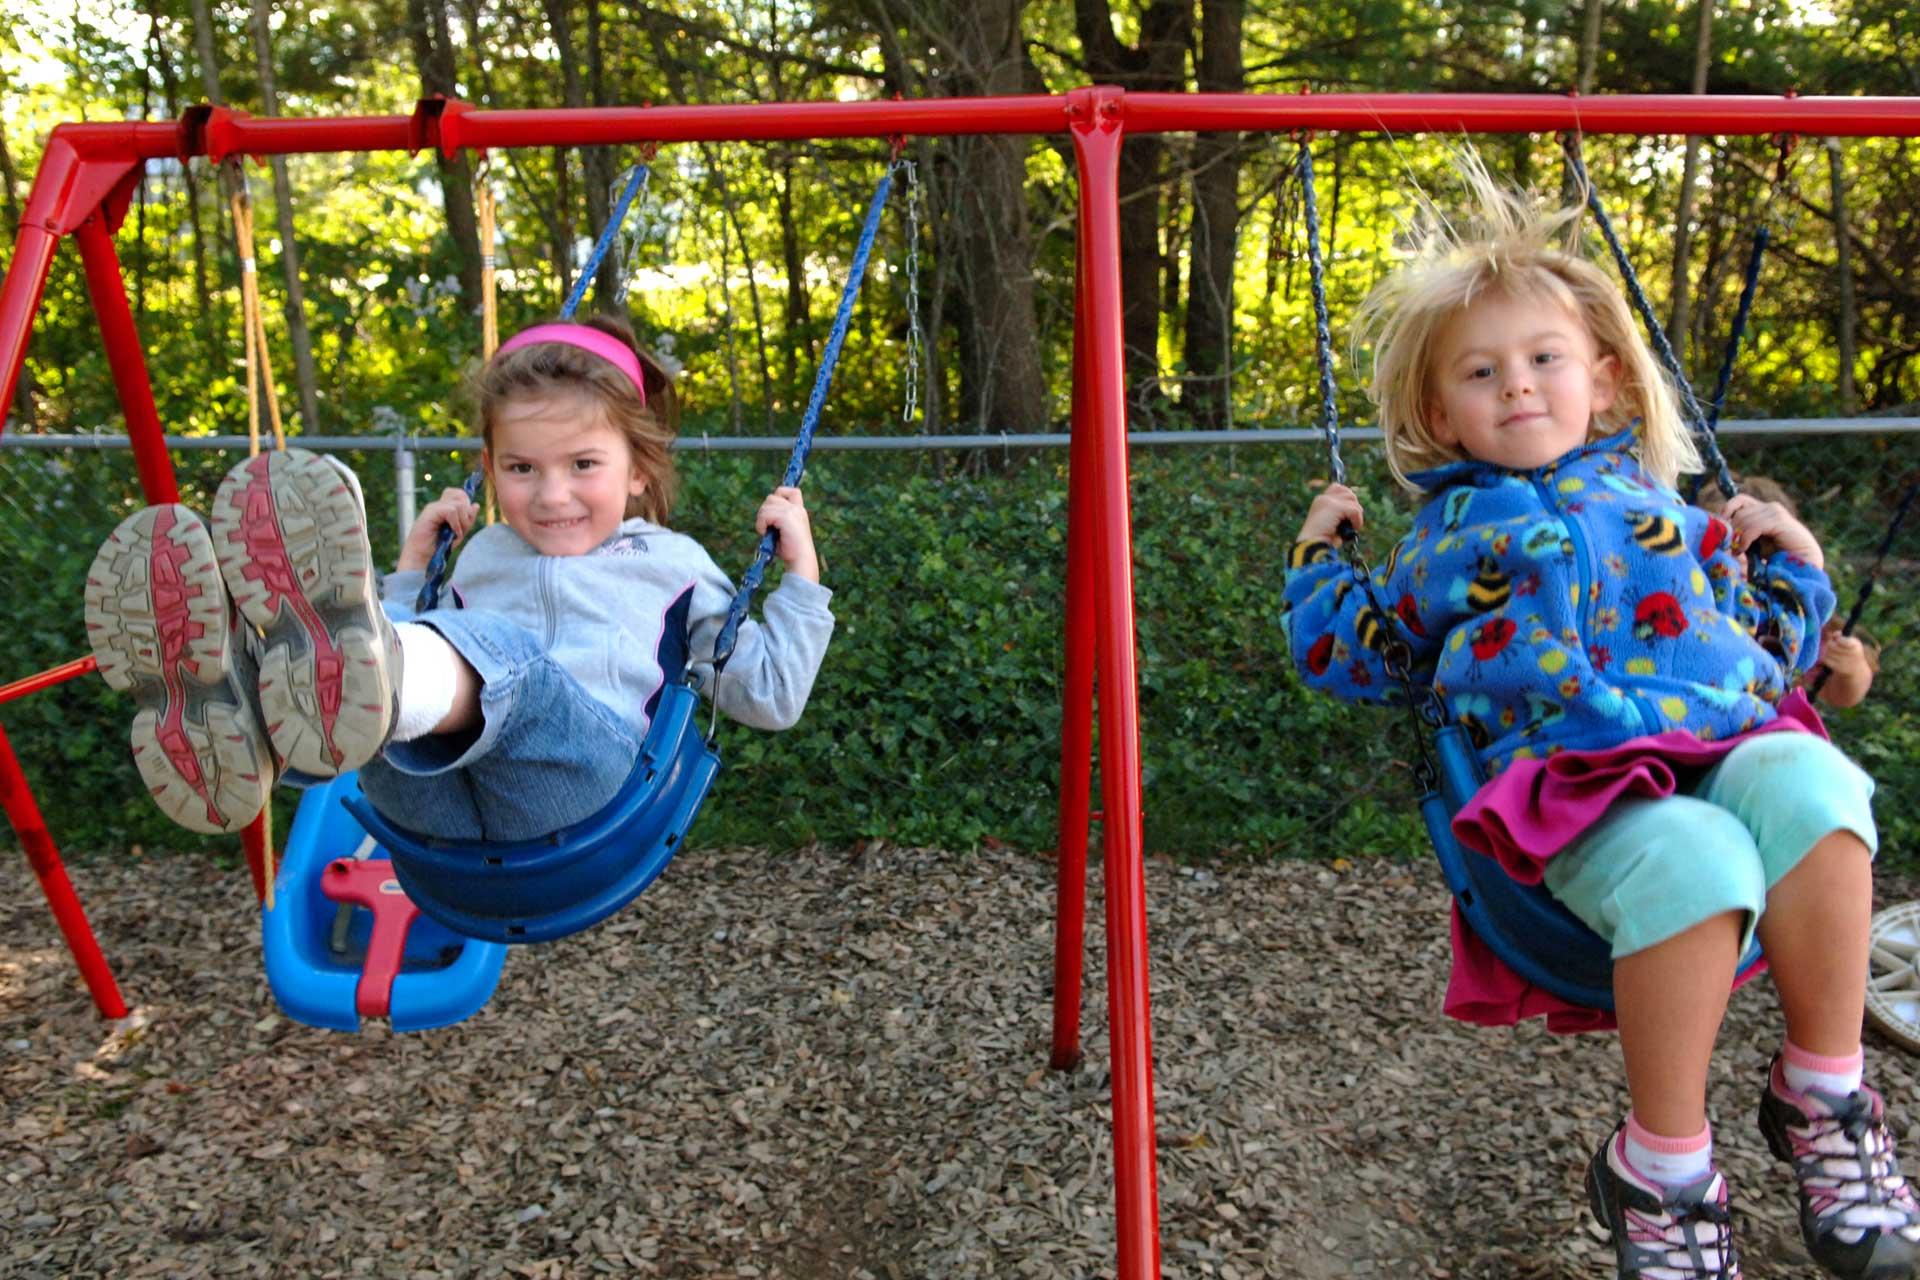 2 girls on swings